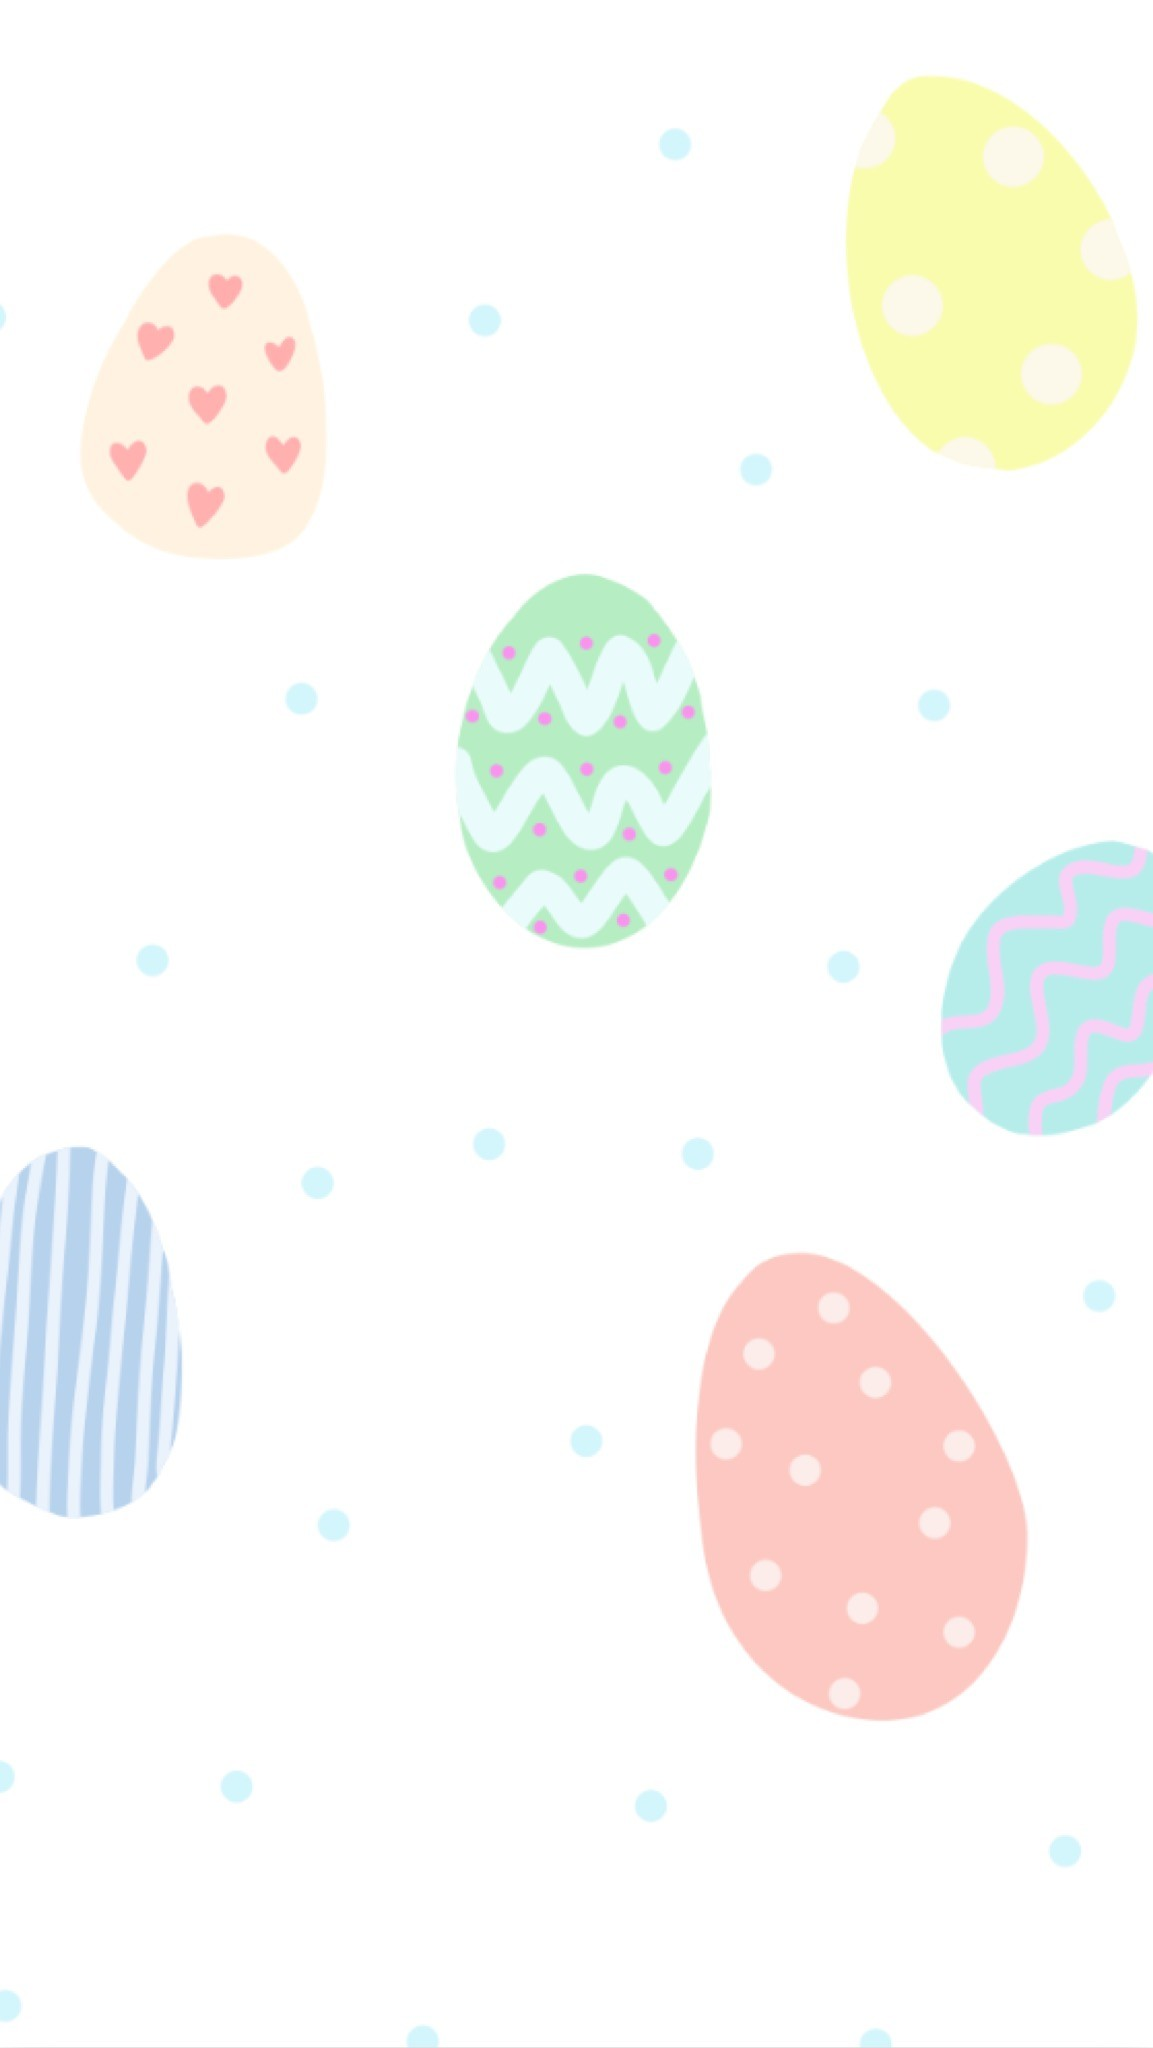 {Free Phone Wallpaper} April Easter Eggs